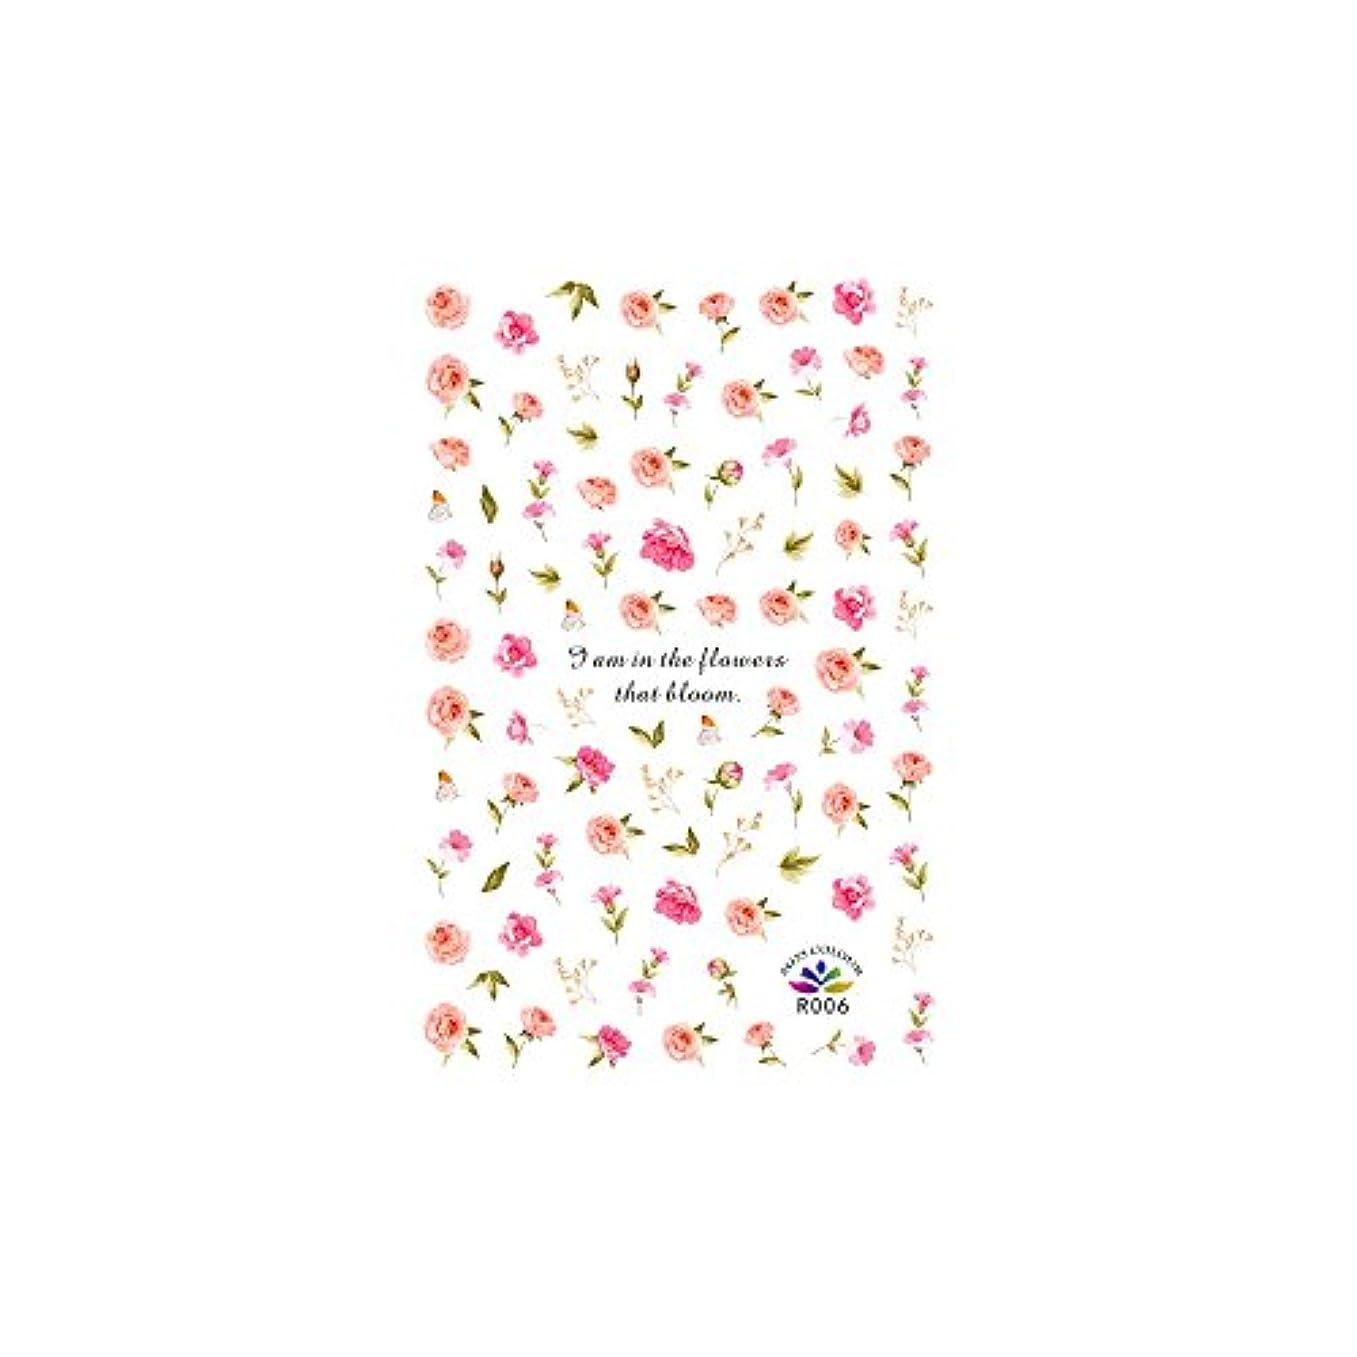 週末慣性変わるネイルシール アンティークローズシール ジェルネイル ネイルアート 花柄 花びら フラワーネイル 薔薇 セルフネイル